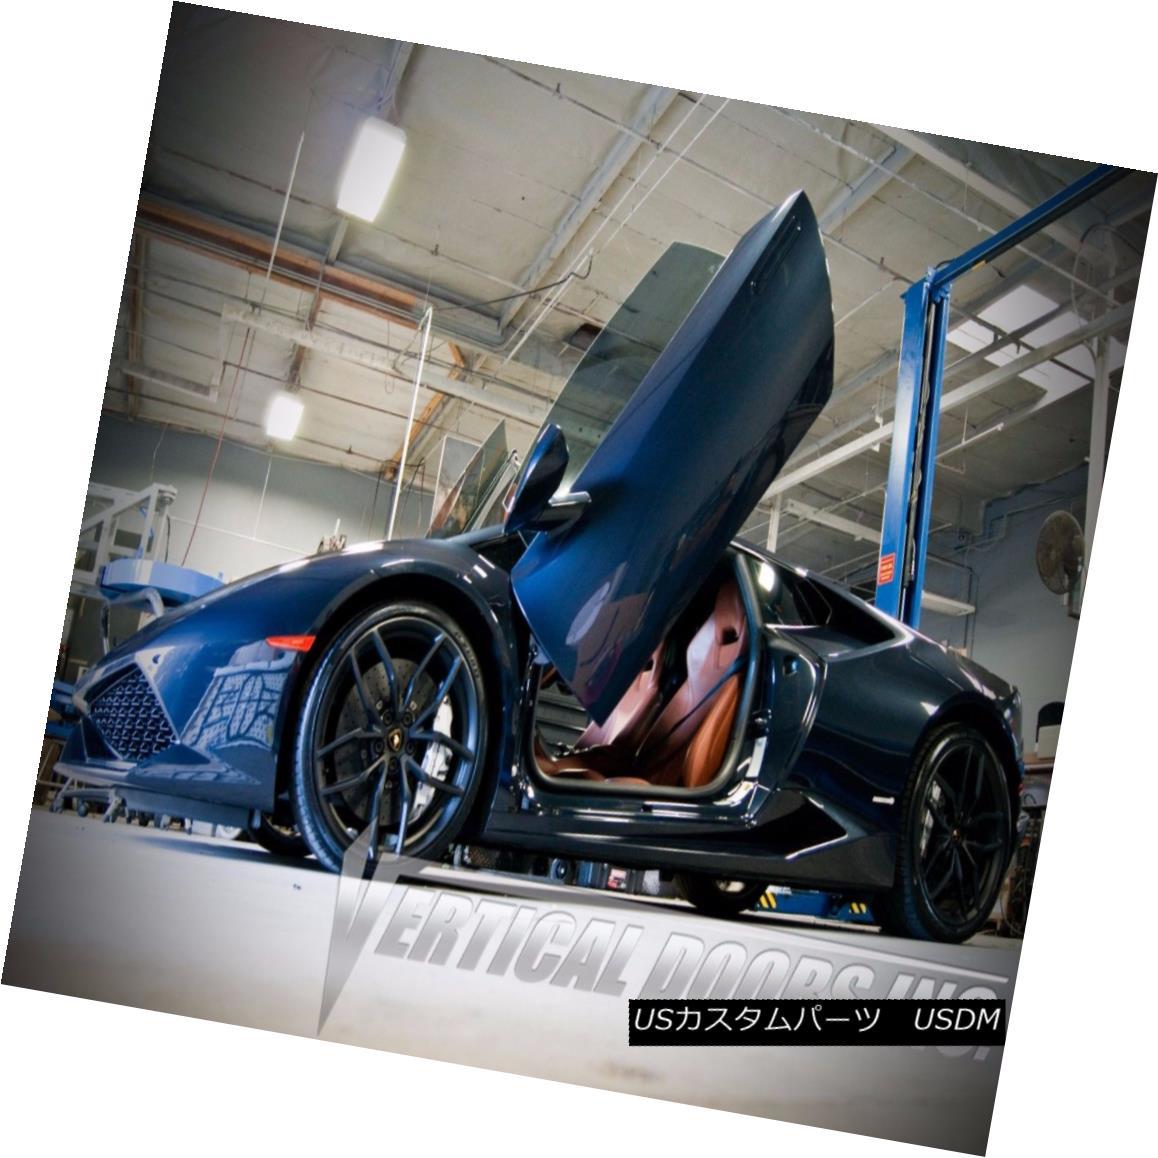 ガルウィングキット 2014 - 2017 Lamborghini Huracan Vertical Door Kit - Instant Rebate of $959.00 2014 - 2017 Lamborghini Huracan縦型ドアキット - インスタントリベート$ 959.00